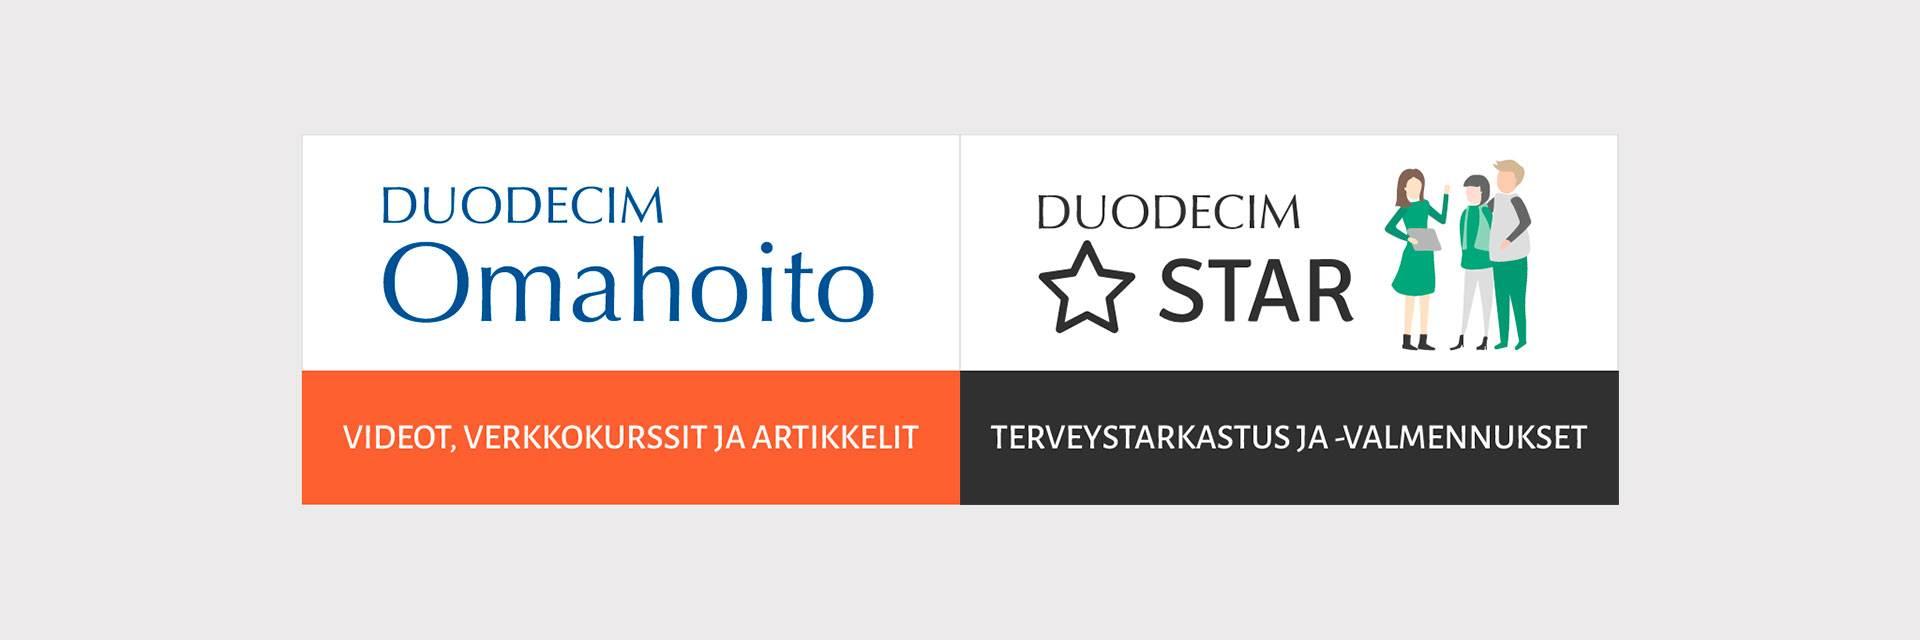 Duodecim Omahoito ja Star-terveysvalmennus palvelut